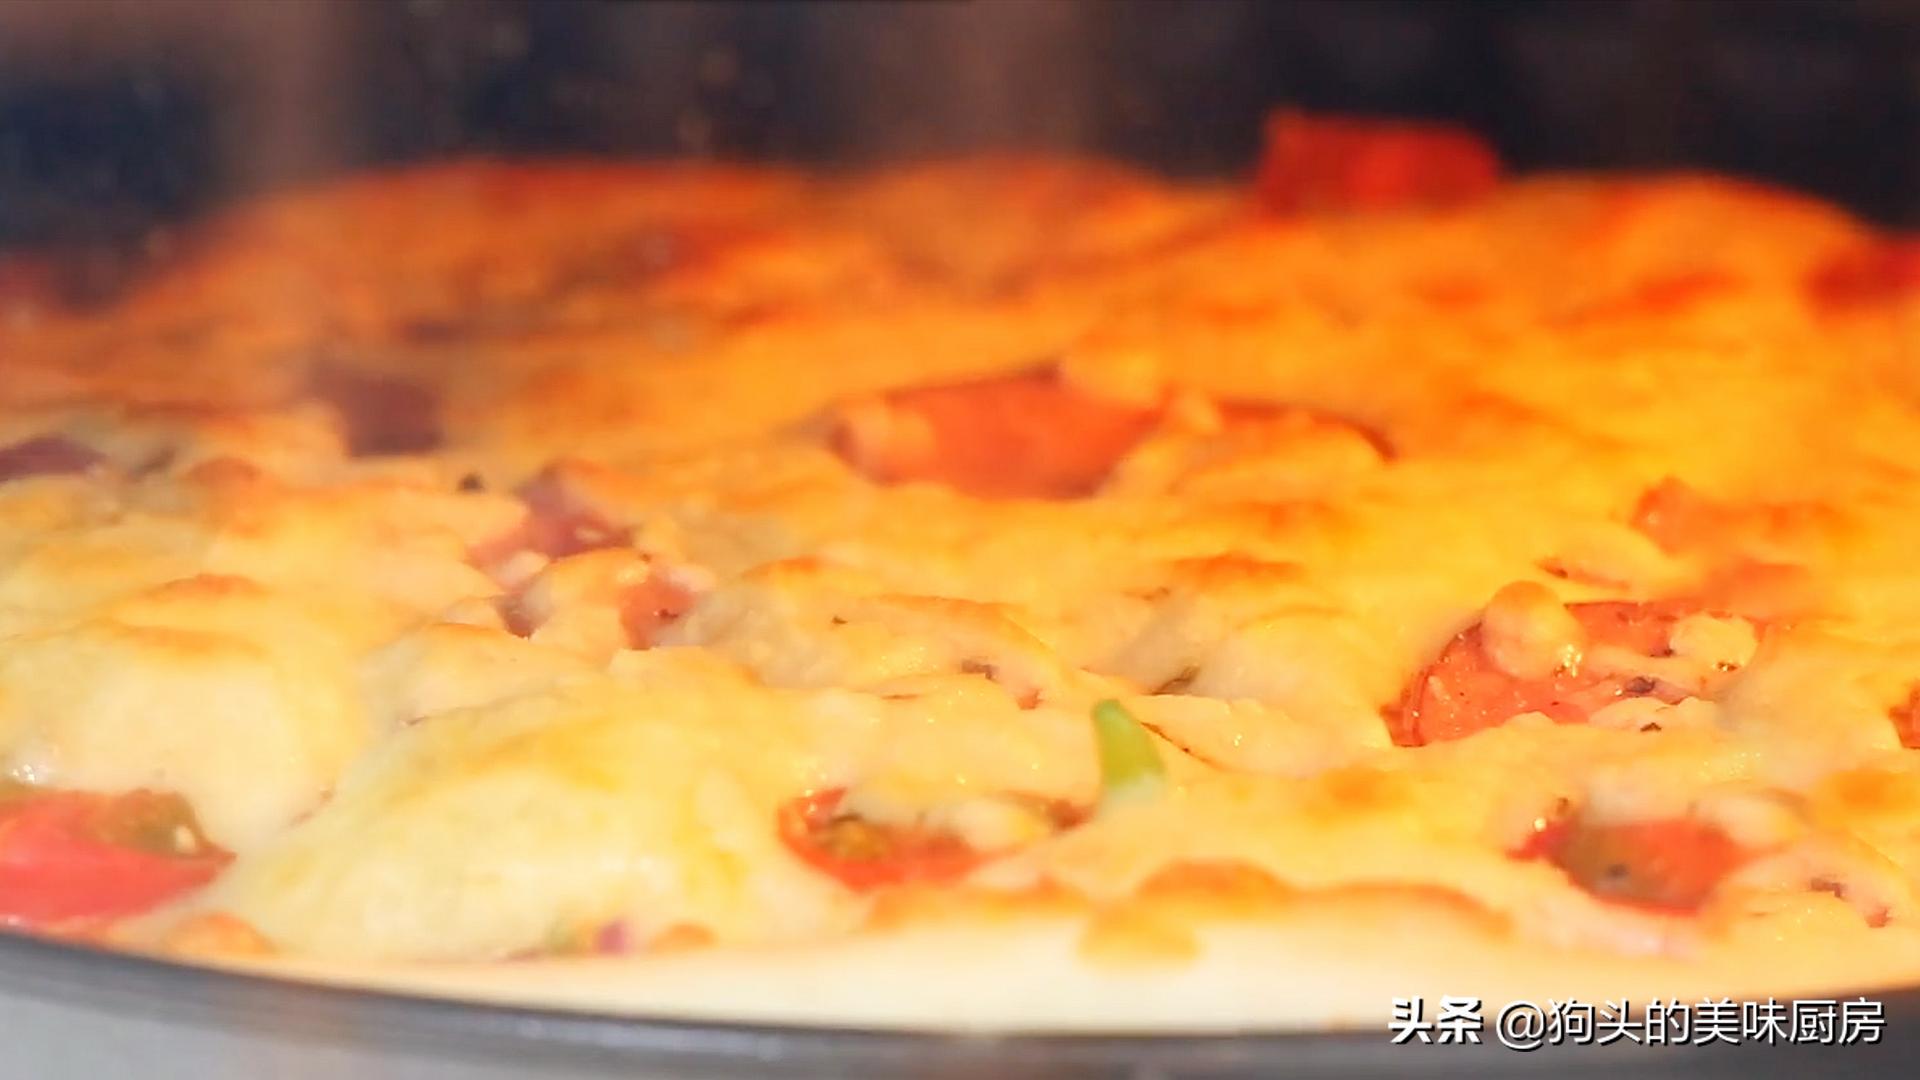 手把手教你在家做披萨,简单易学,绵软可口还拉丝,比买的还好吃 美食做法 第20张